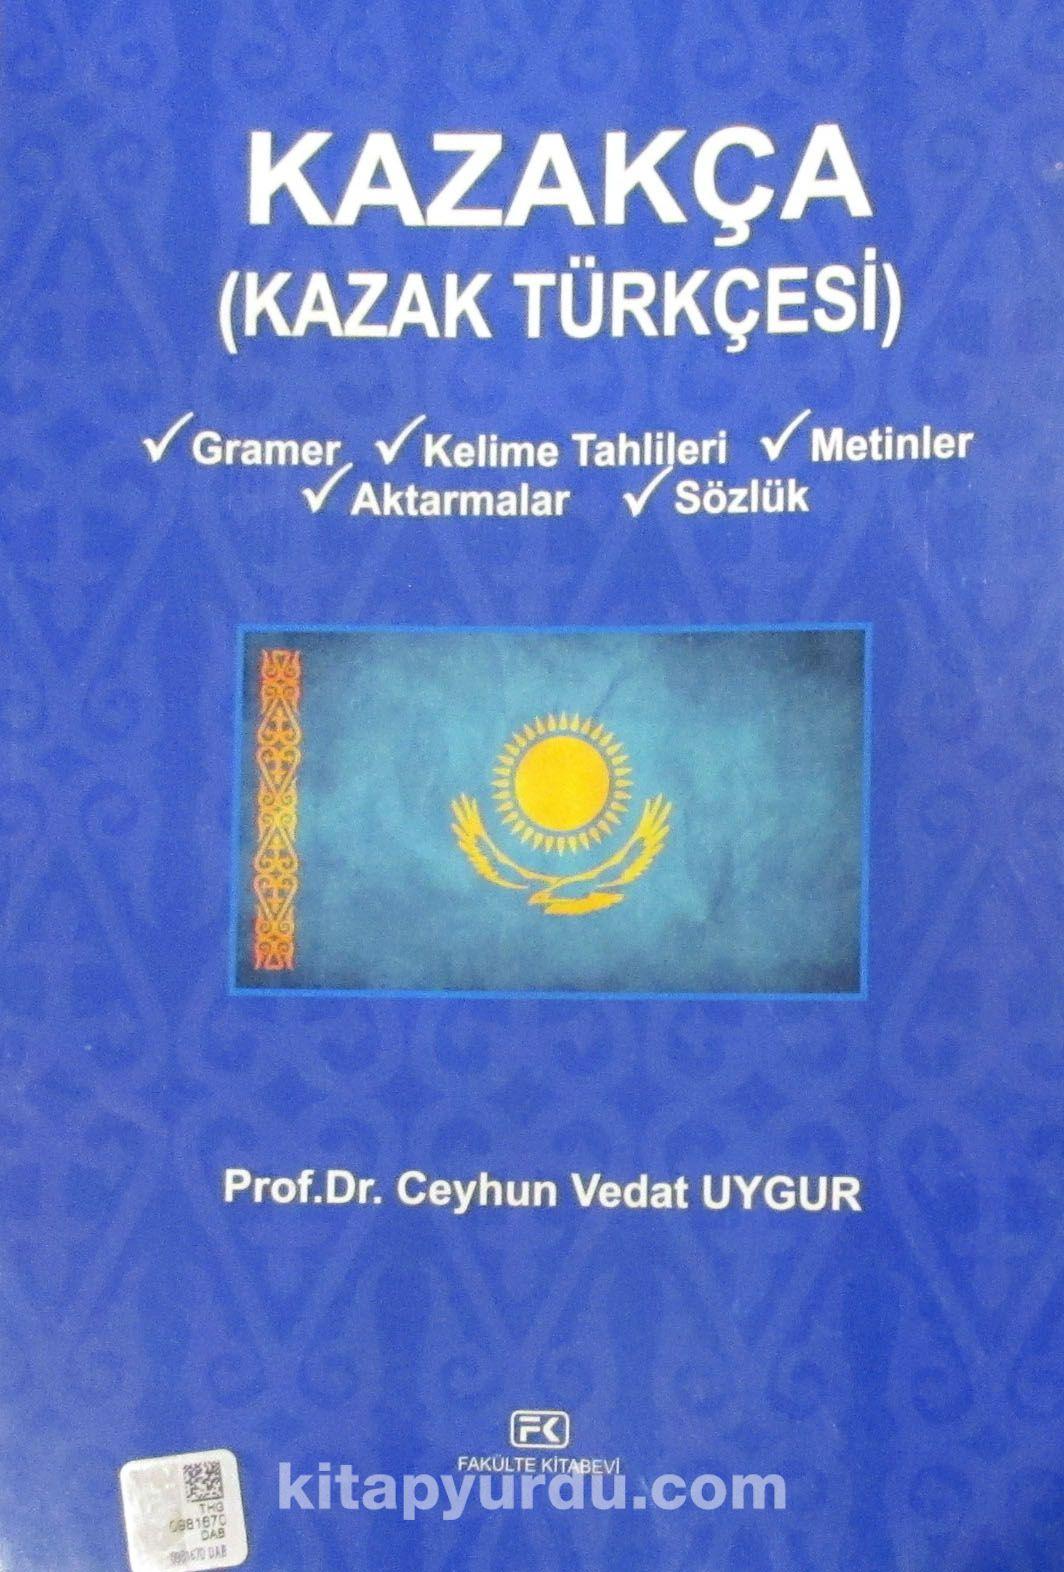 Kazakça (Kazak Türkçesi)